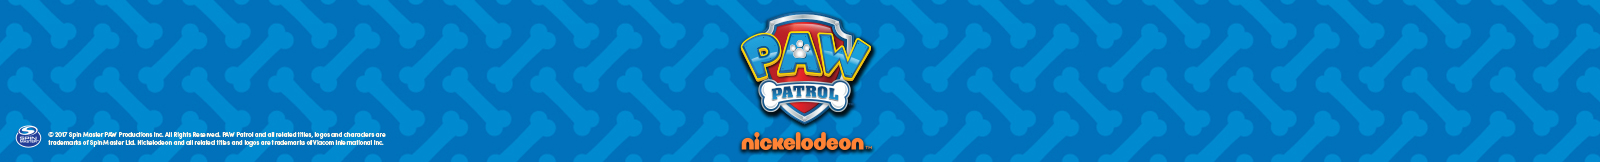 Chase Paw Patrol Plush